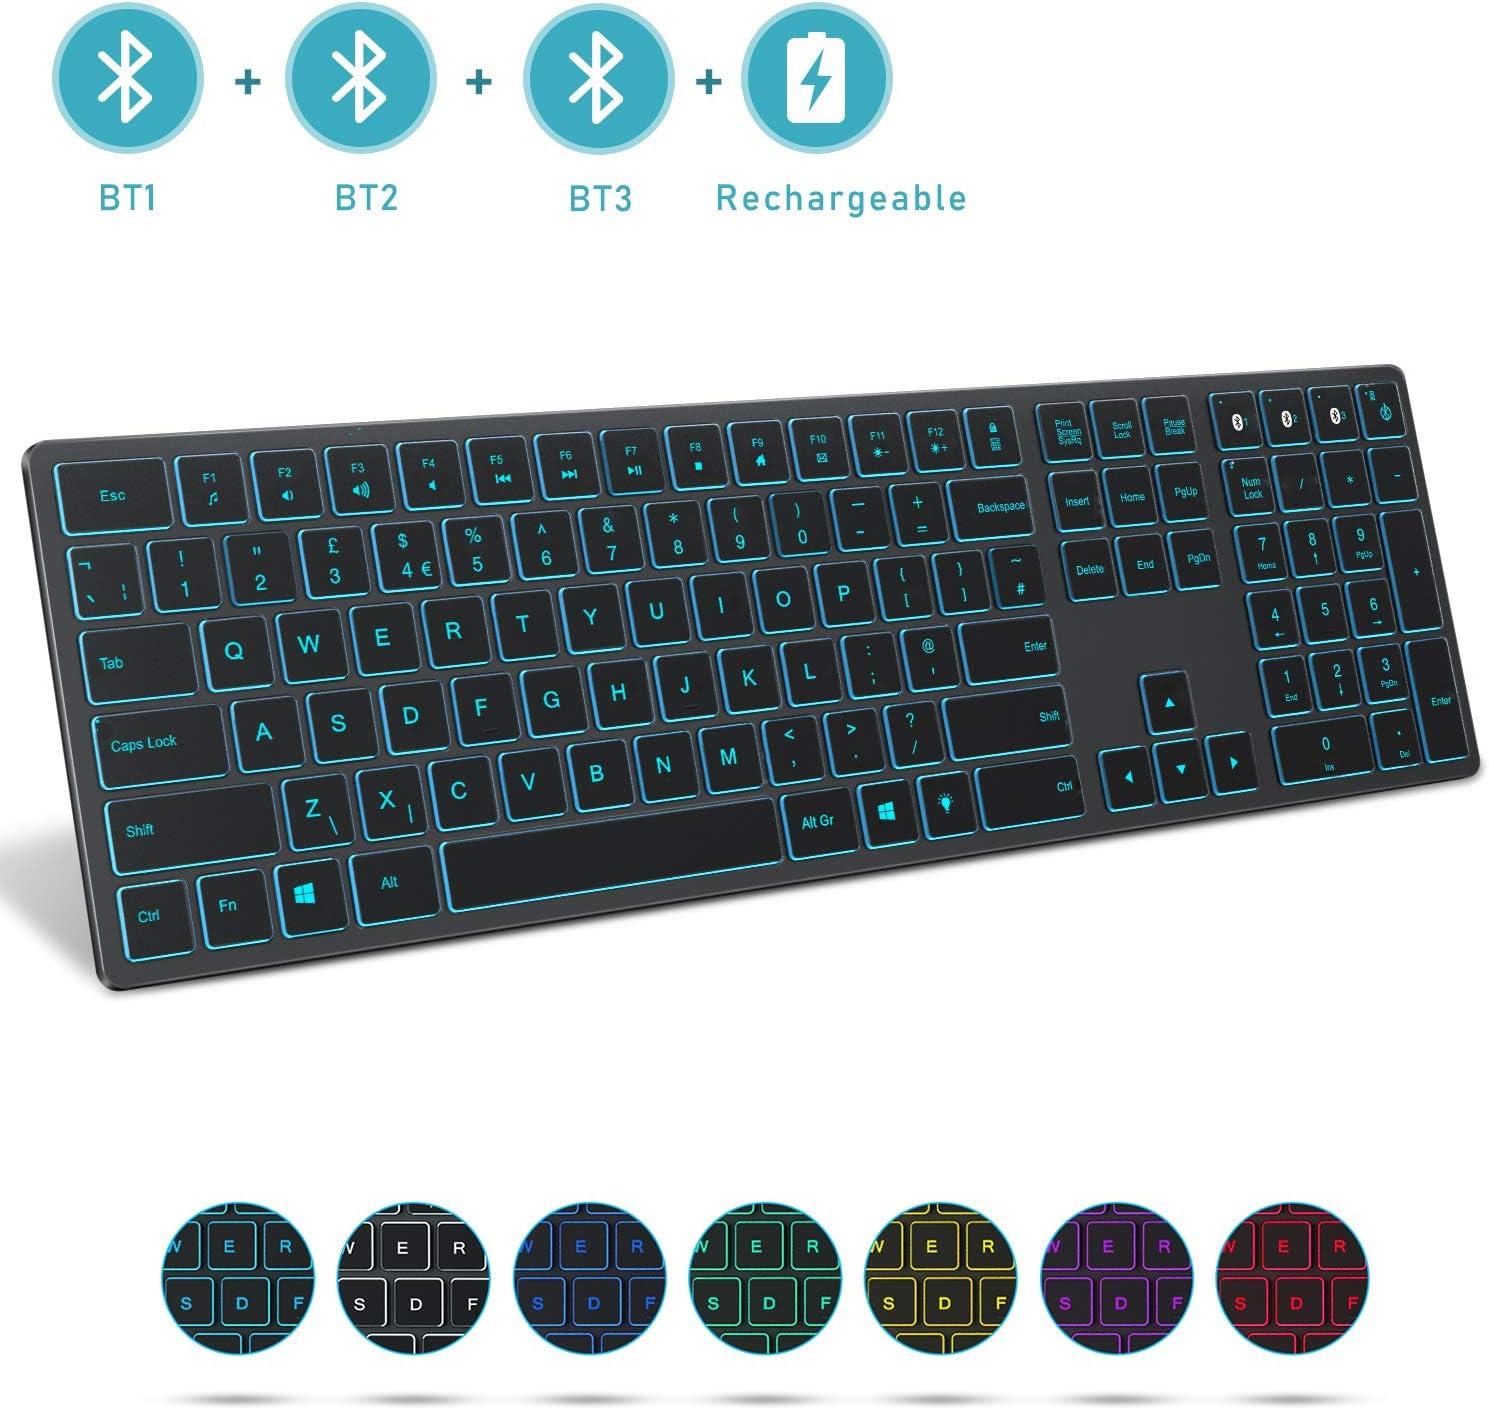 Jelly Comb Teclado Bluetooth inalámbrico, 1 a 3 dispositivos teclado retroiluminado QWERTY Reino Unido disposición para laptop/computadora/ventana, gris espacio